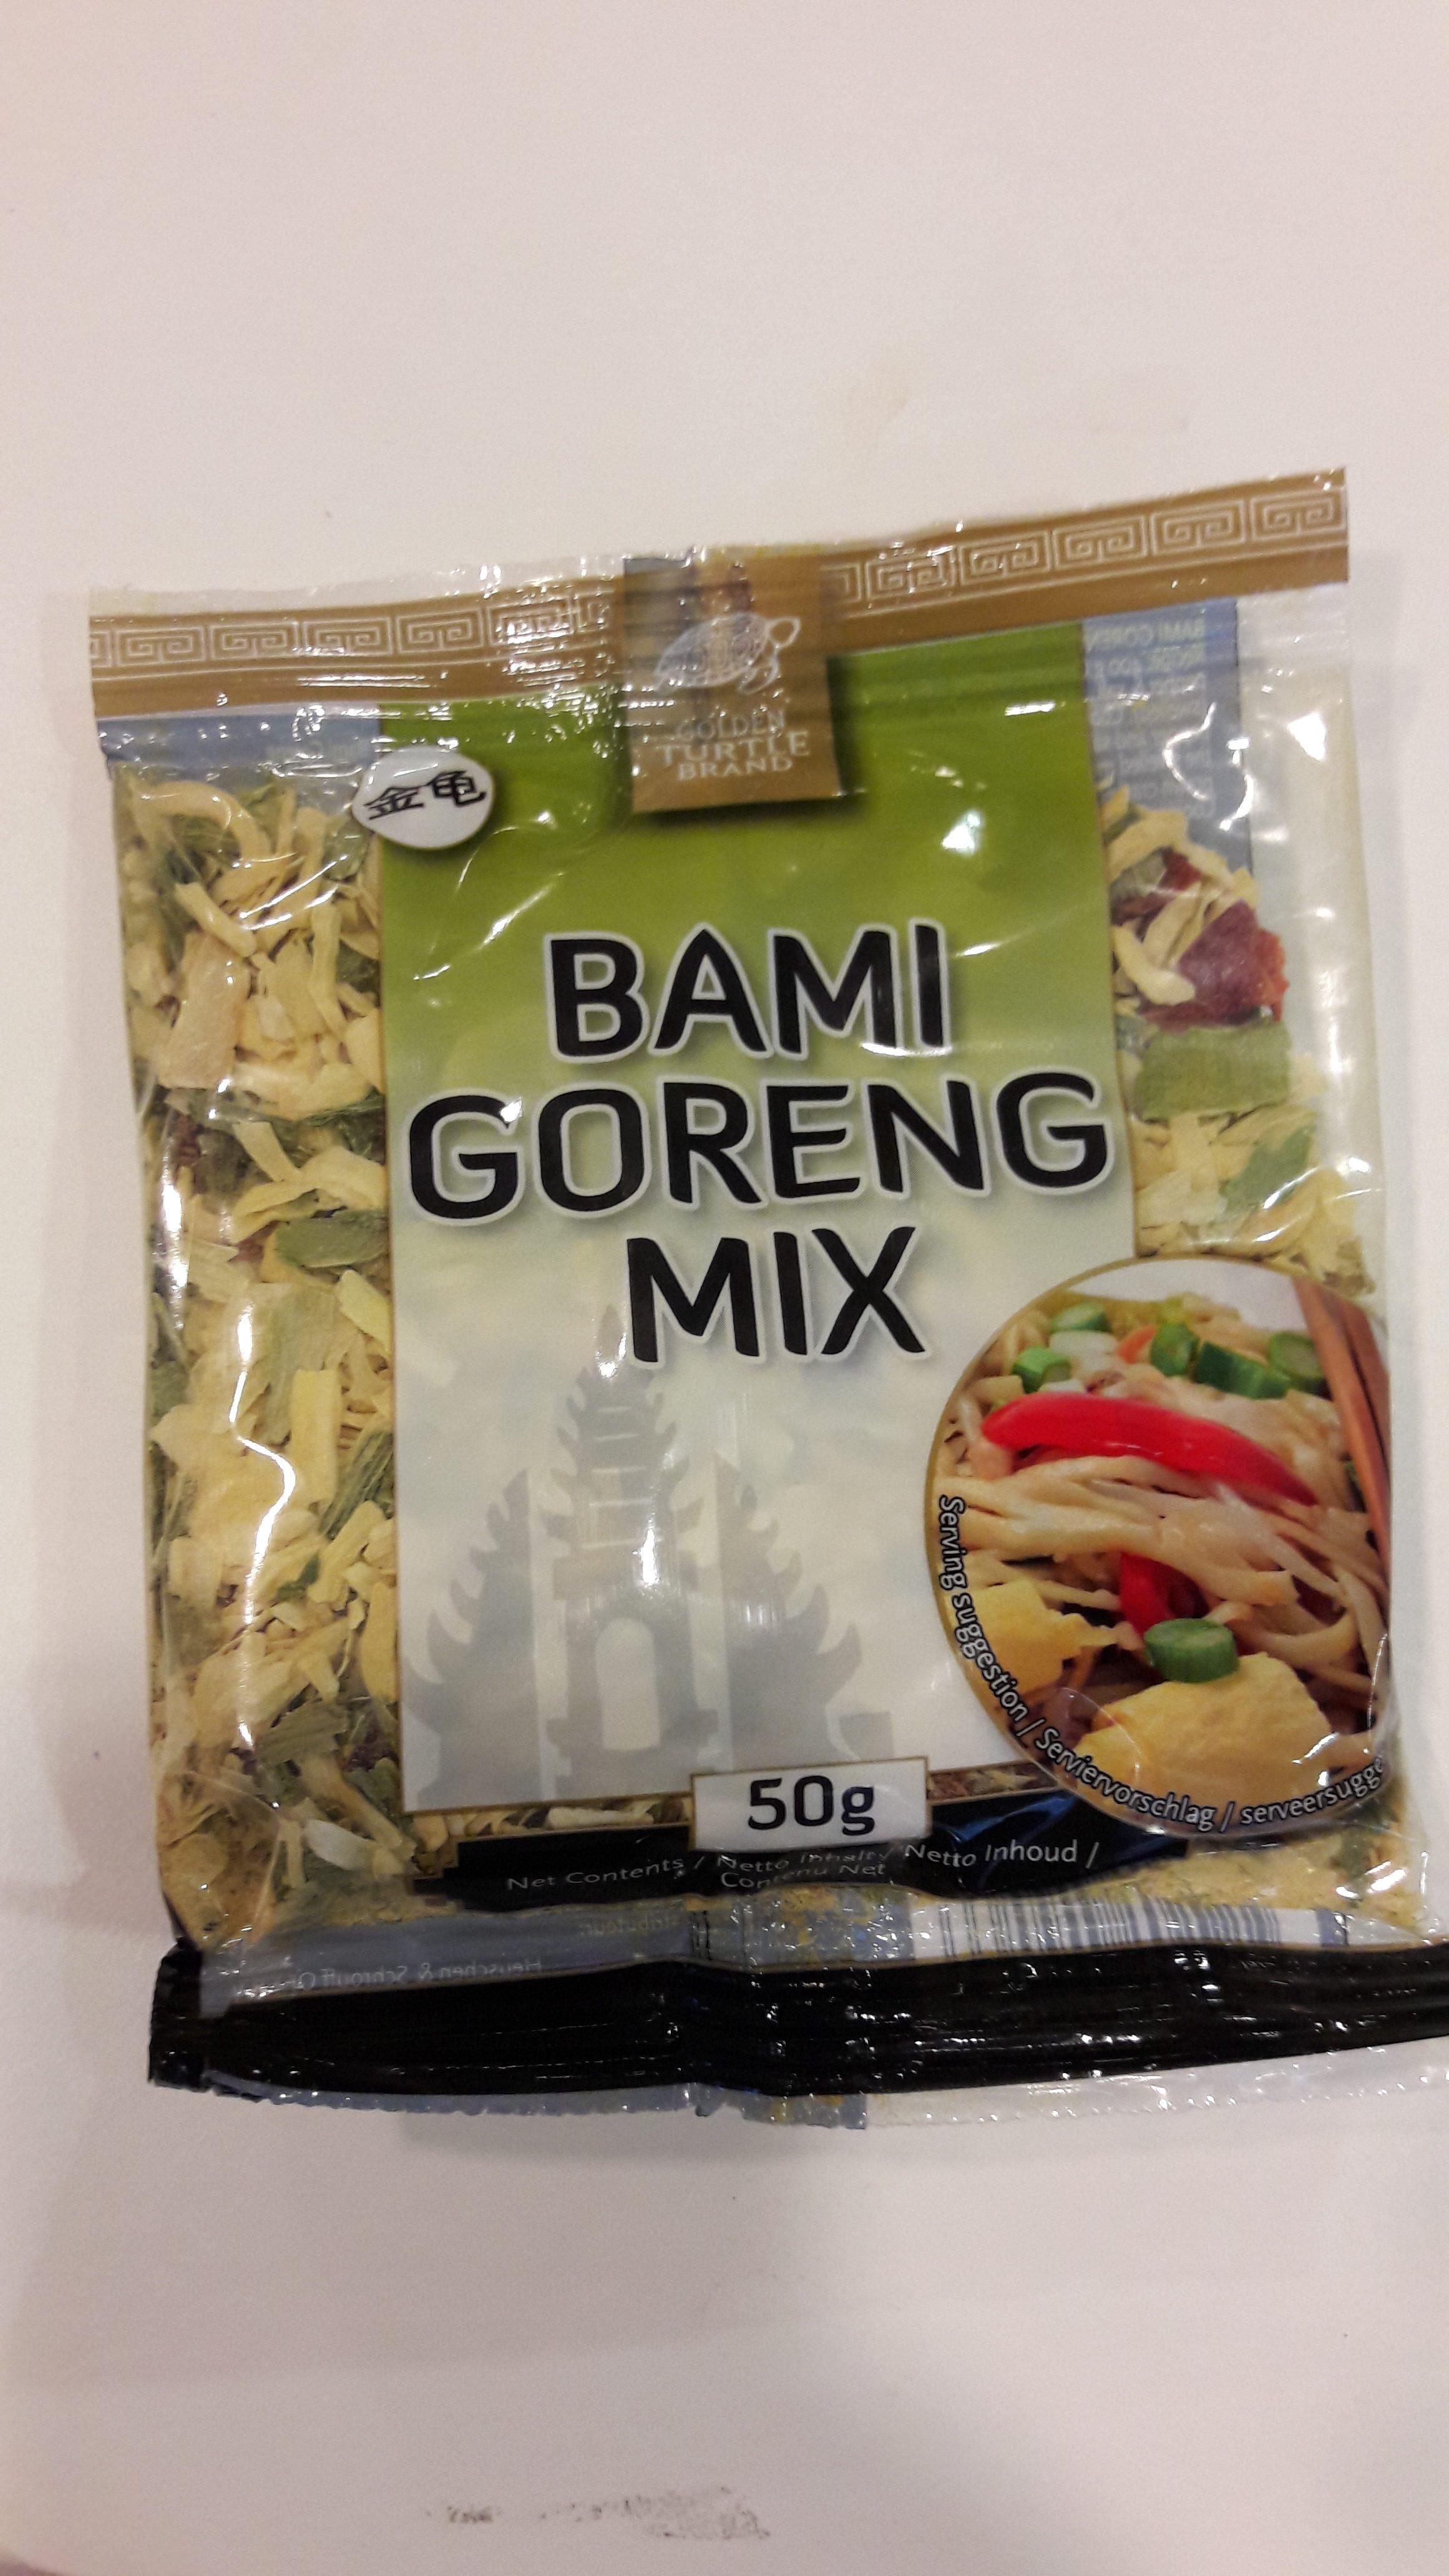 Bami Goreng Mix Image